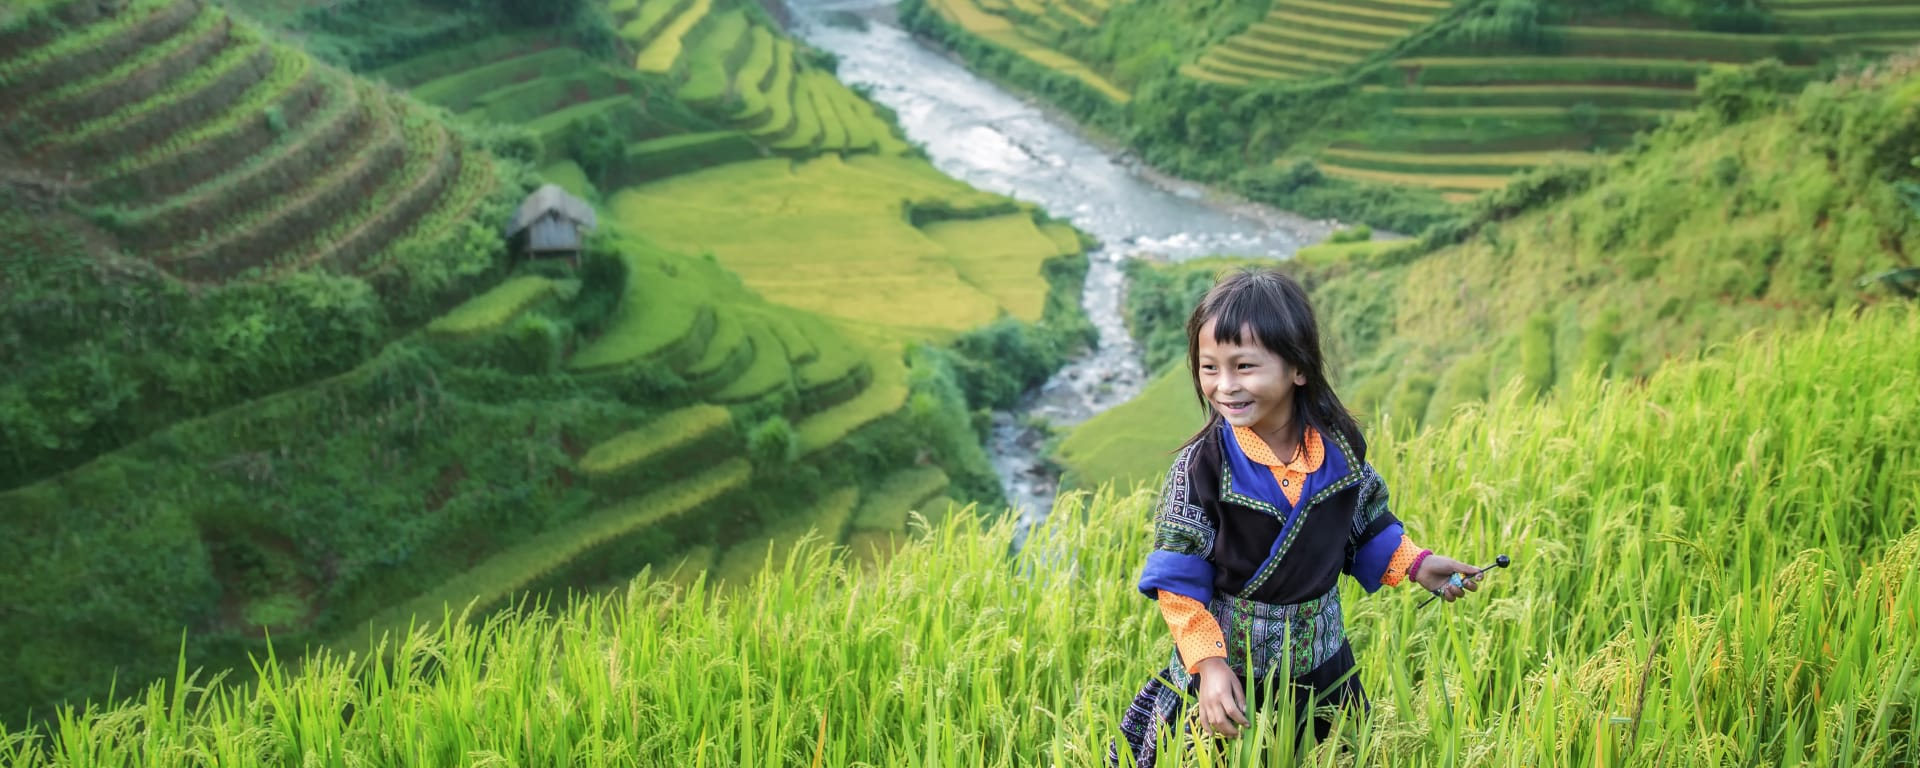 Laos entdecken mit Tischler Reisen: Laos Reisterrassen Maedchen